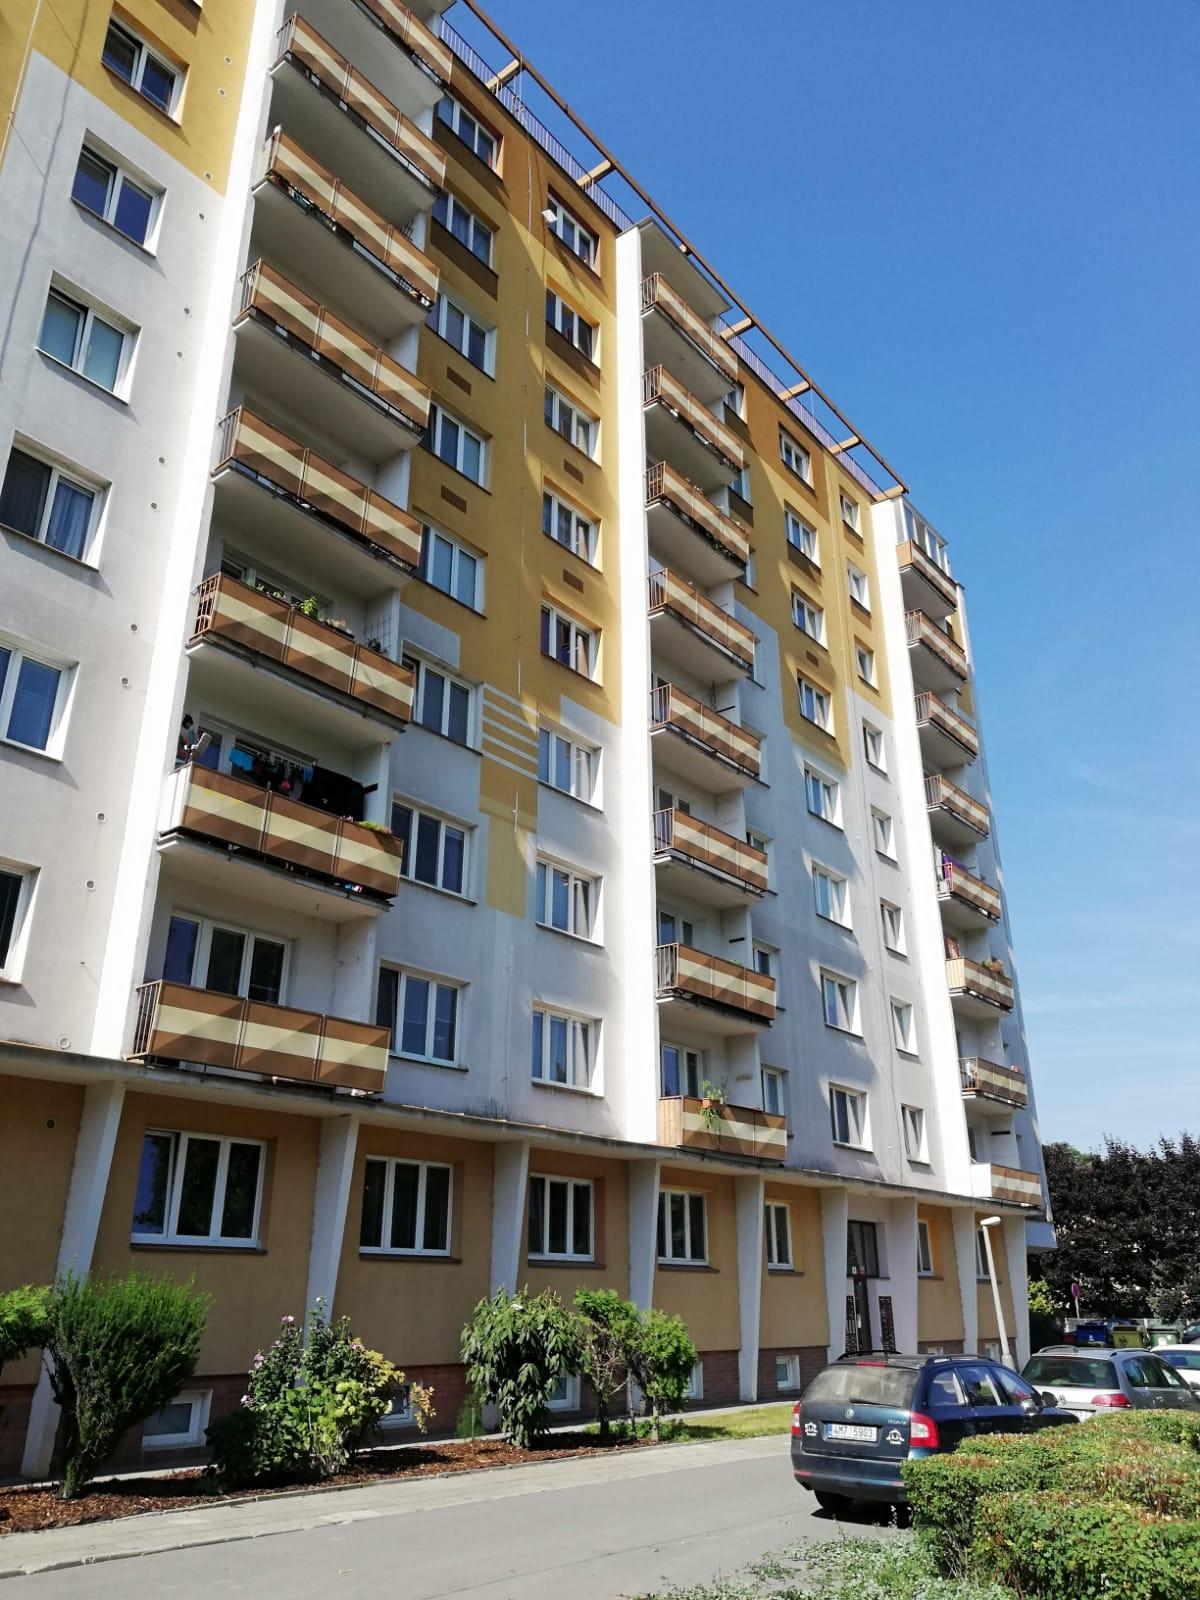 Nabízíme k pronájmu byt 2+1 na ulici tř. Kosmonautů v Olomouci